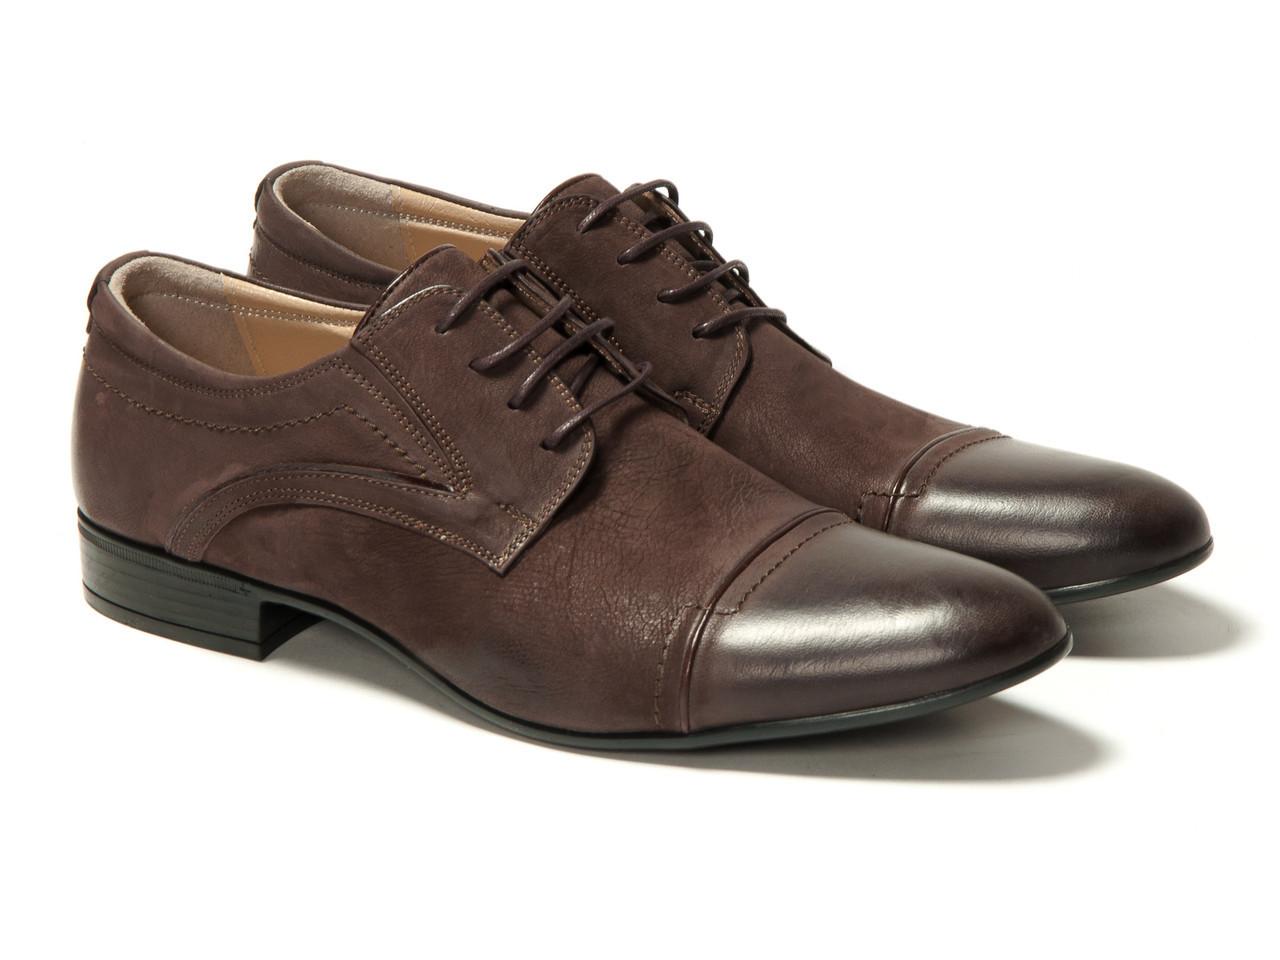 Туфли Etor 10735-826 45 коричневые